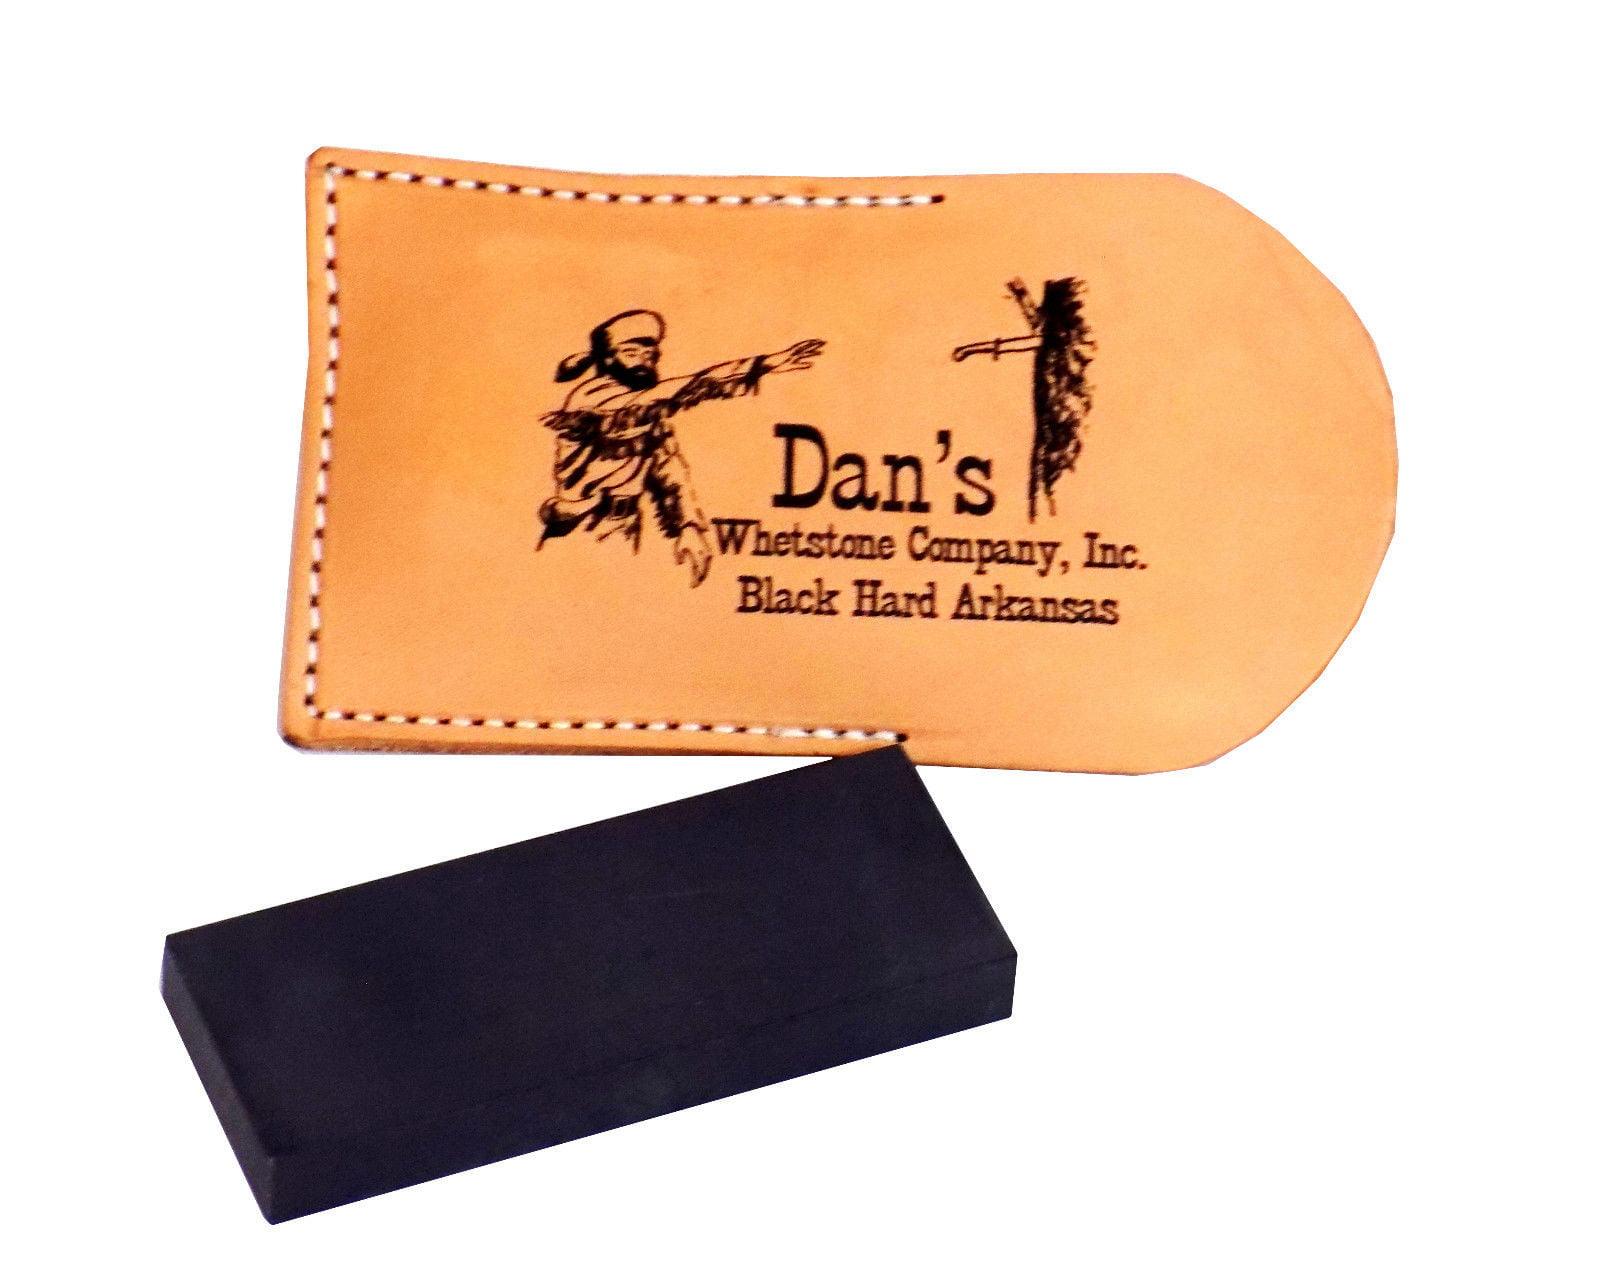 Dan's Whetstone Black Hard Arkansas Ultra Fine Pocket Knife Sharpening Stone Whetstone... by Dan's Genuine Arkansas